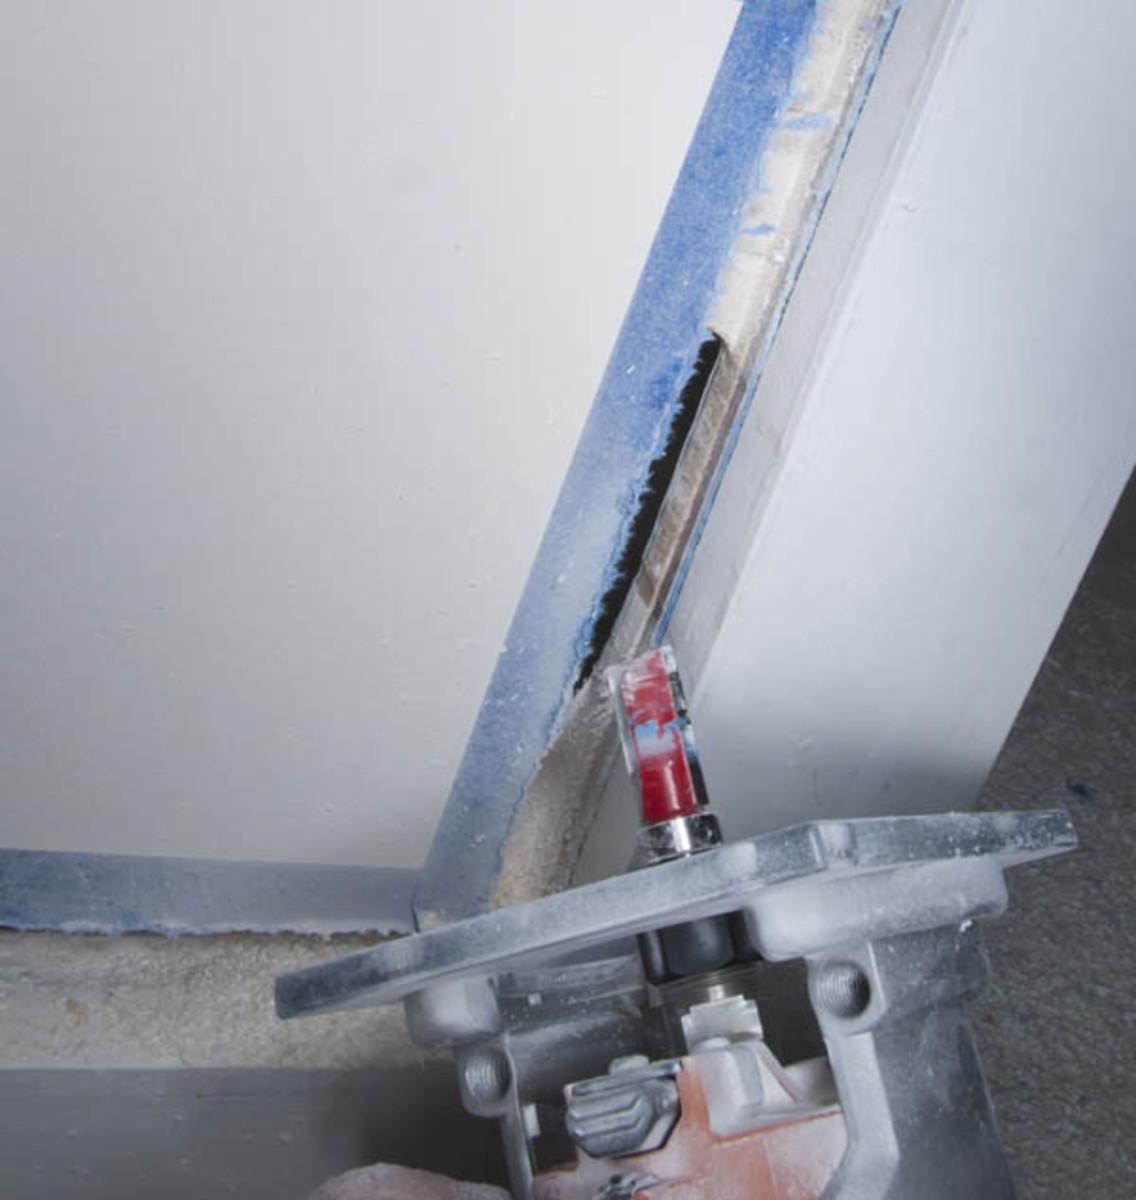 Installing a Cockpit Drawer Refrigerator - step 2